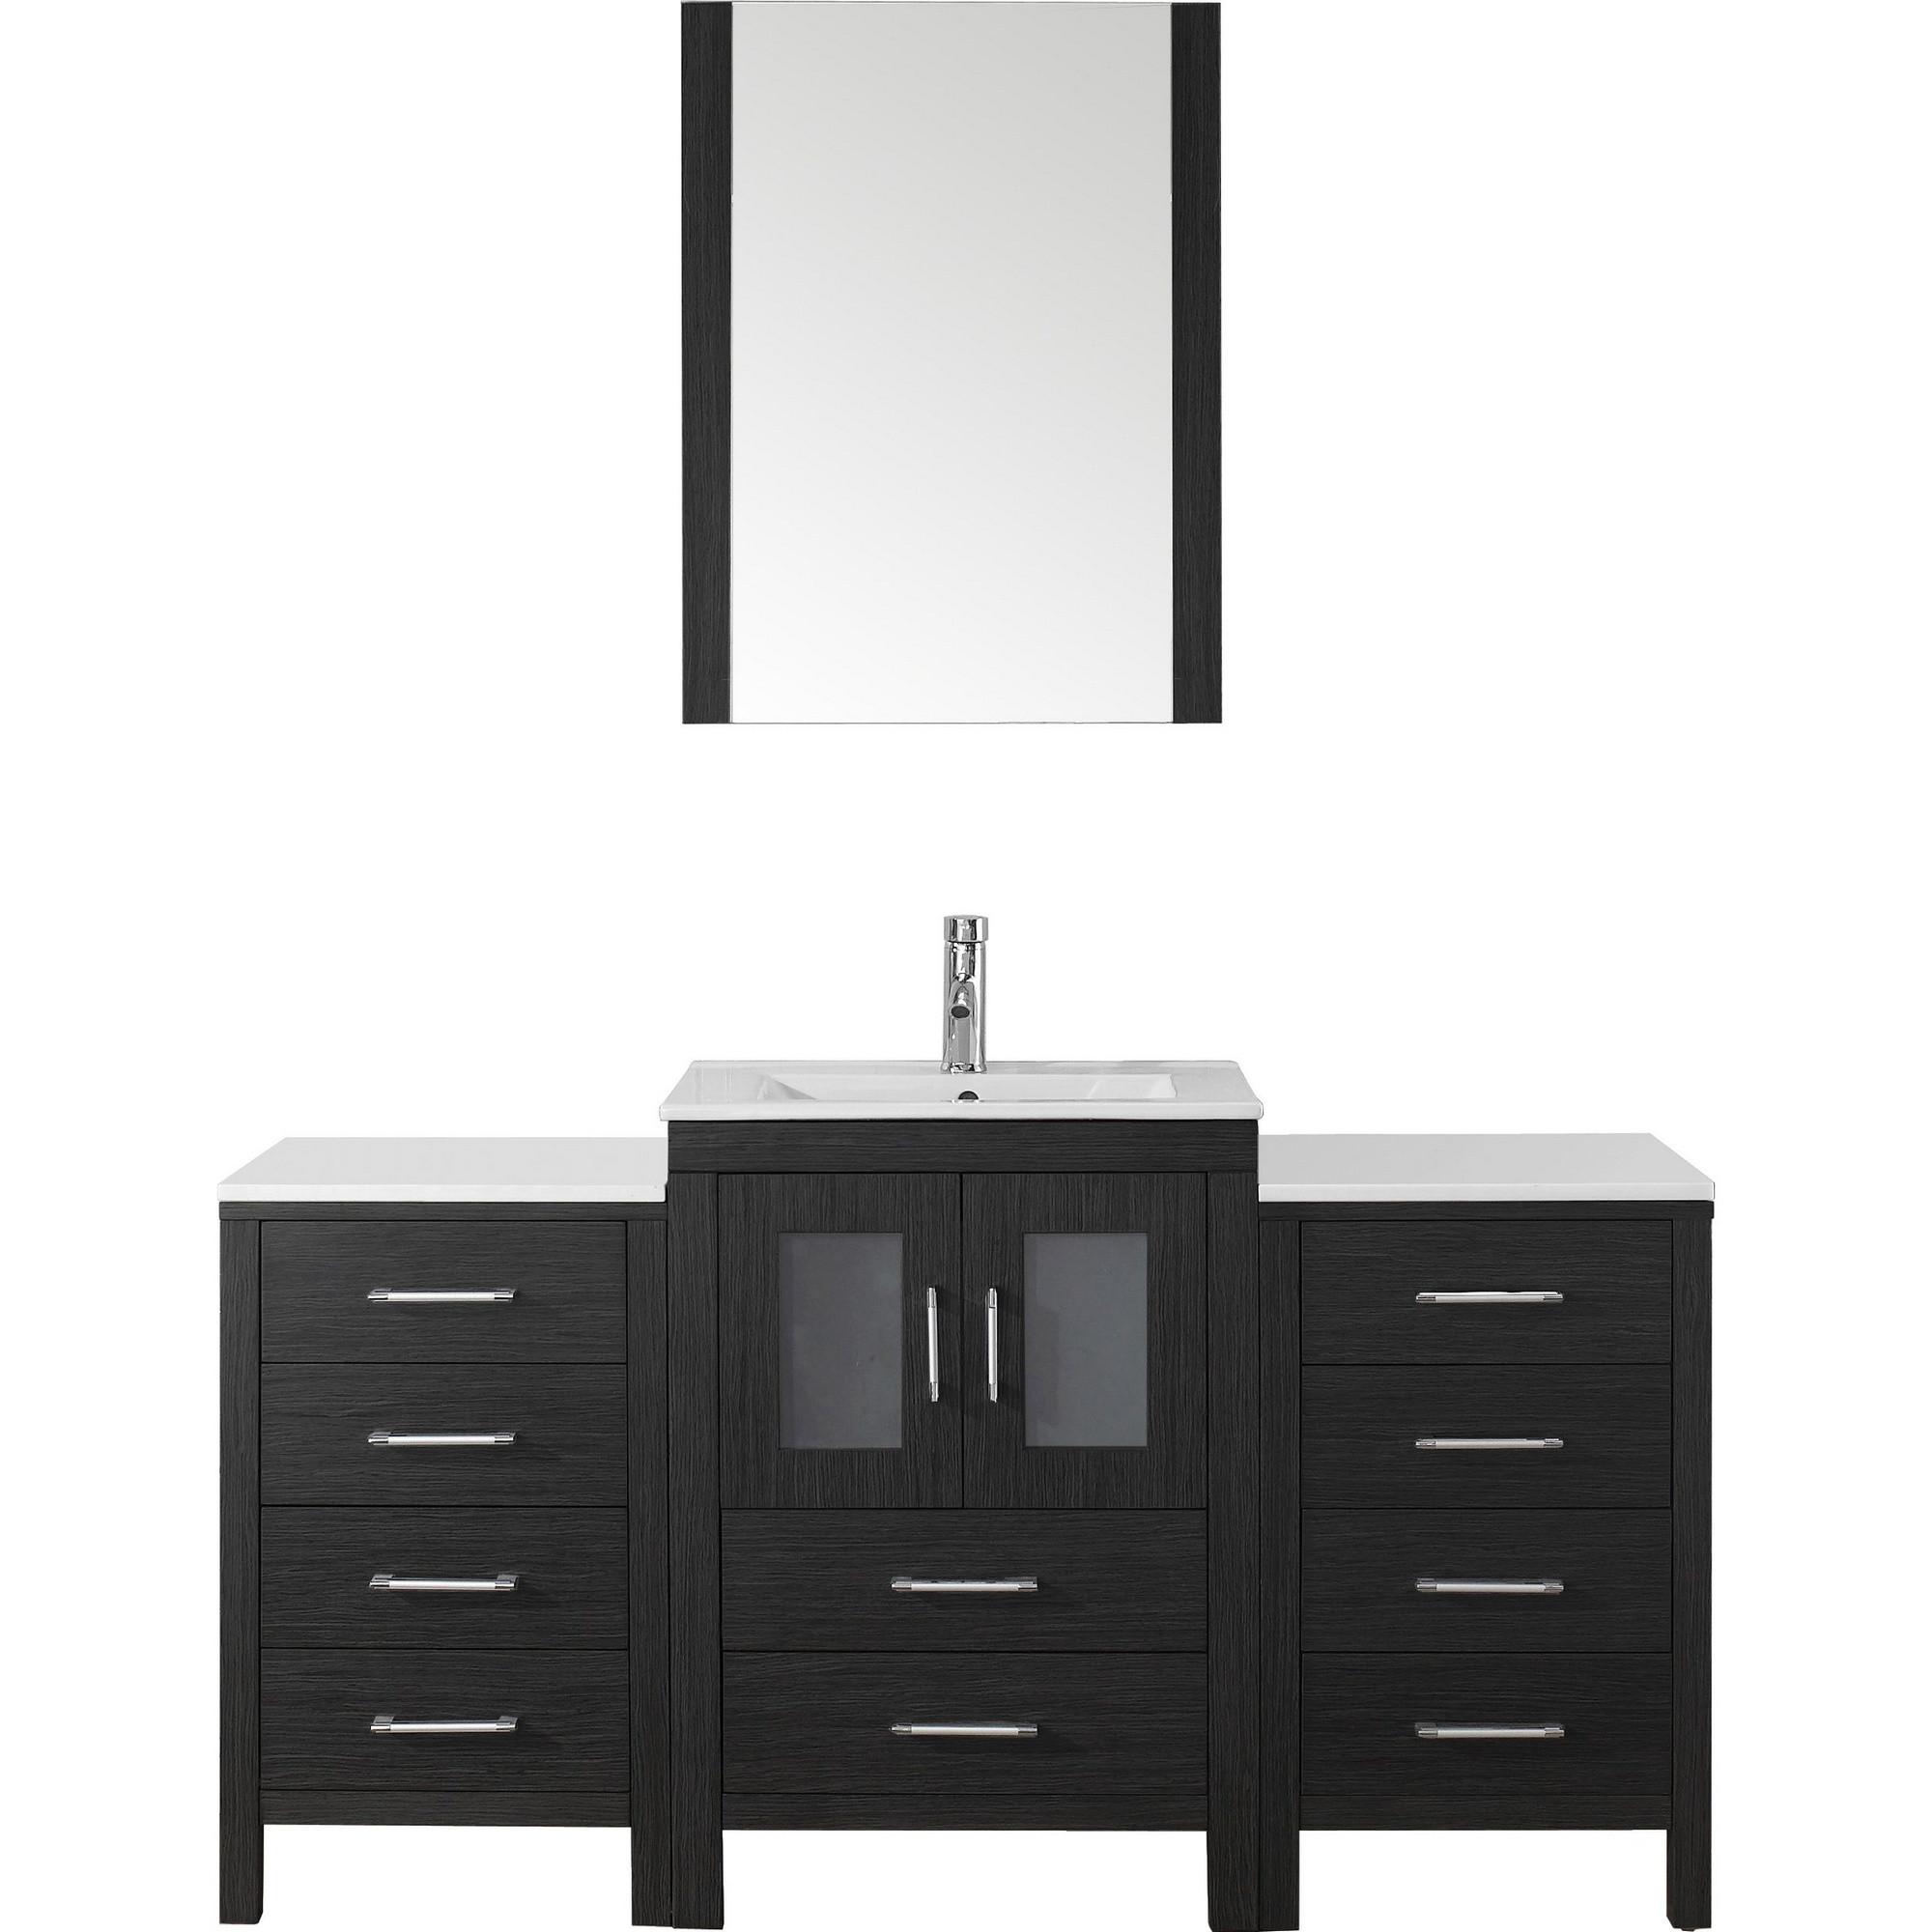 Virtu KS-70060-C-ZG Vanity Set in Zebra Grey with Ceramic Countertop